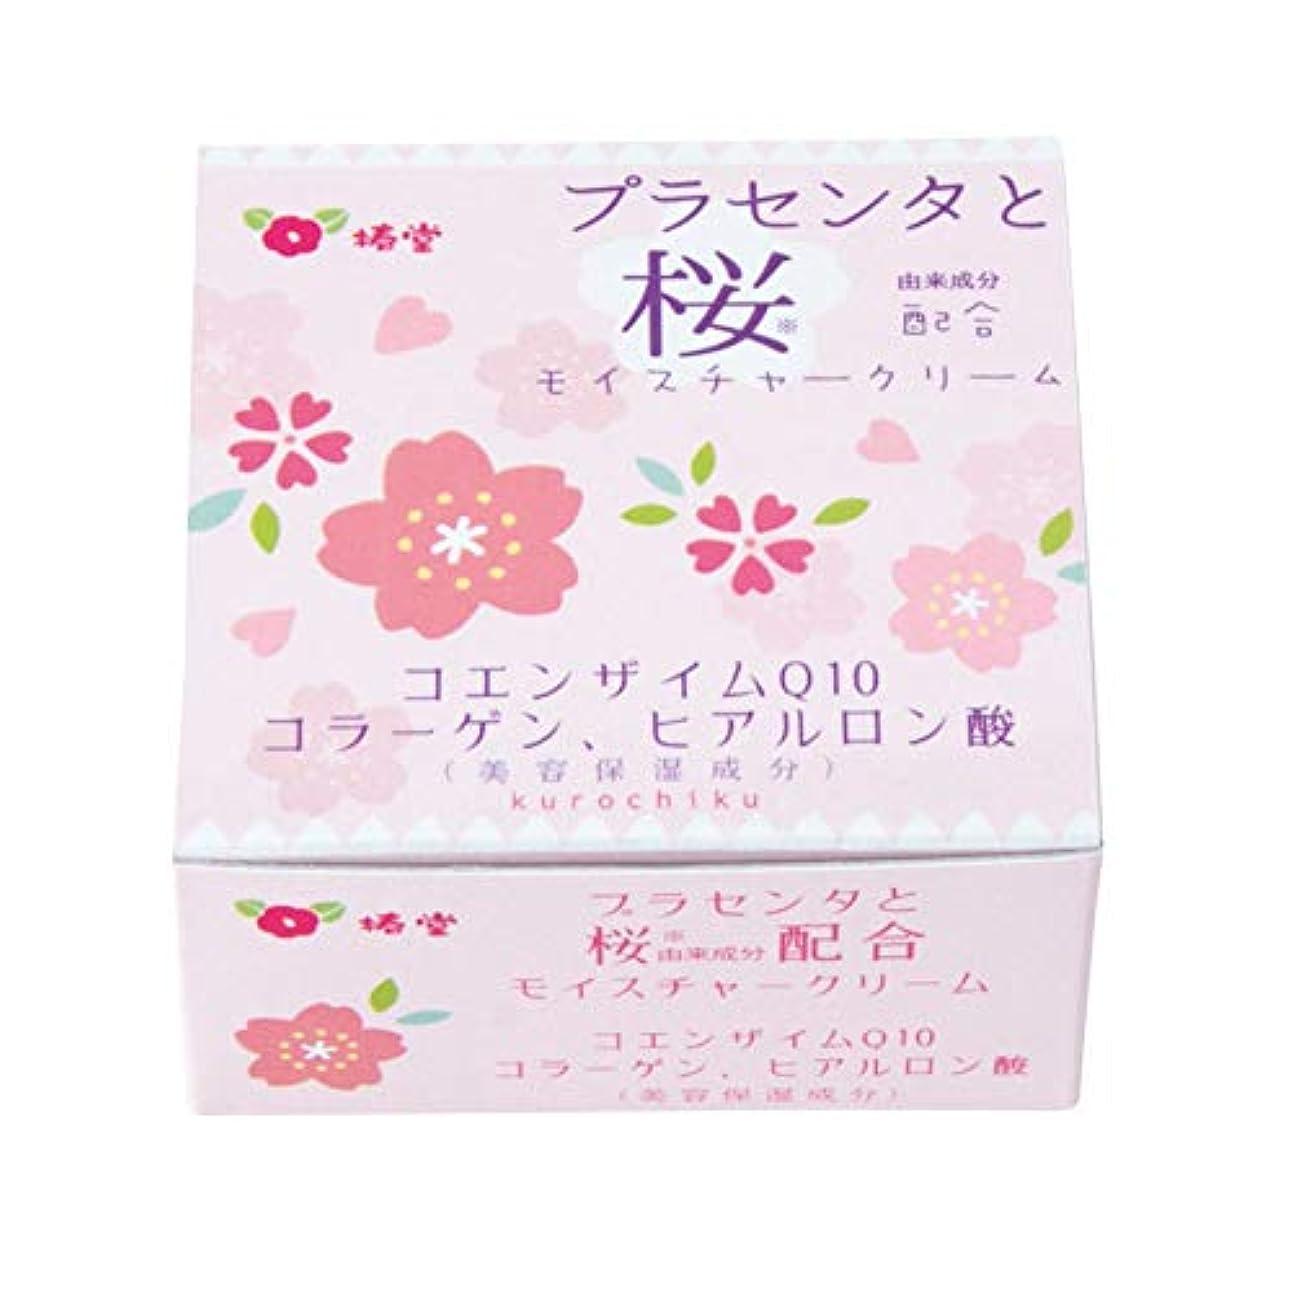 シーボード無条件ゆりかご椿堂 桜モイスチャークリーム (プラセンタと桜) 京都くろちく